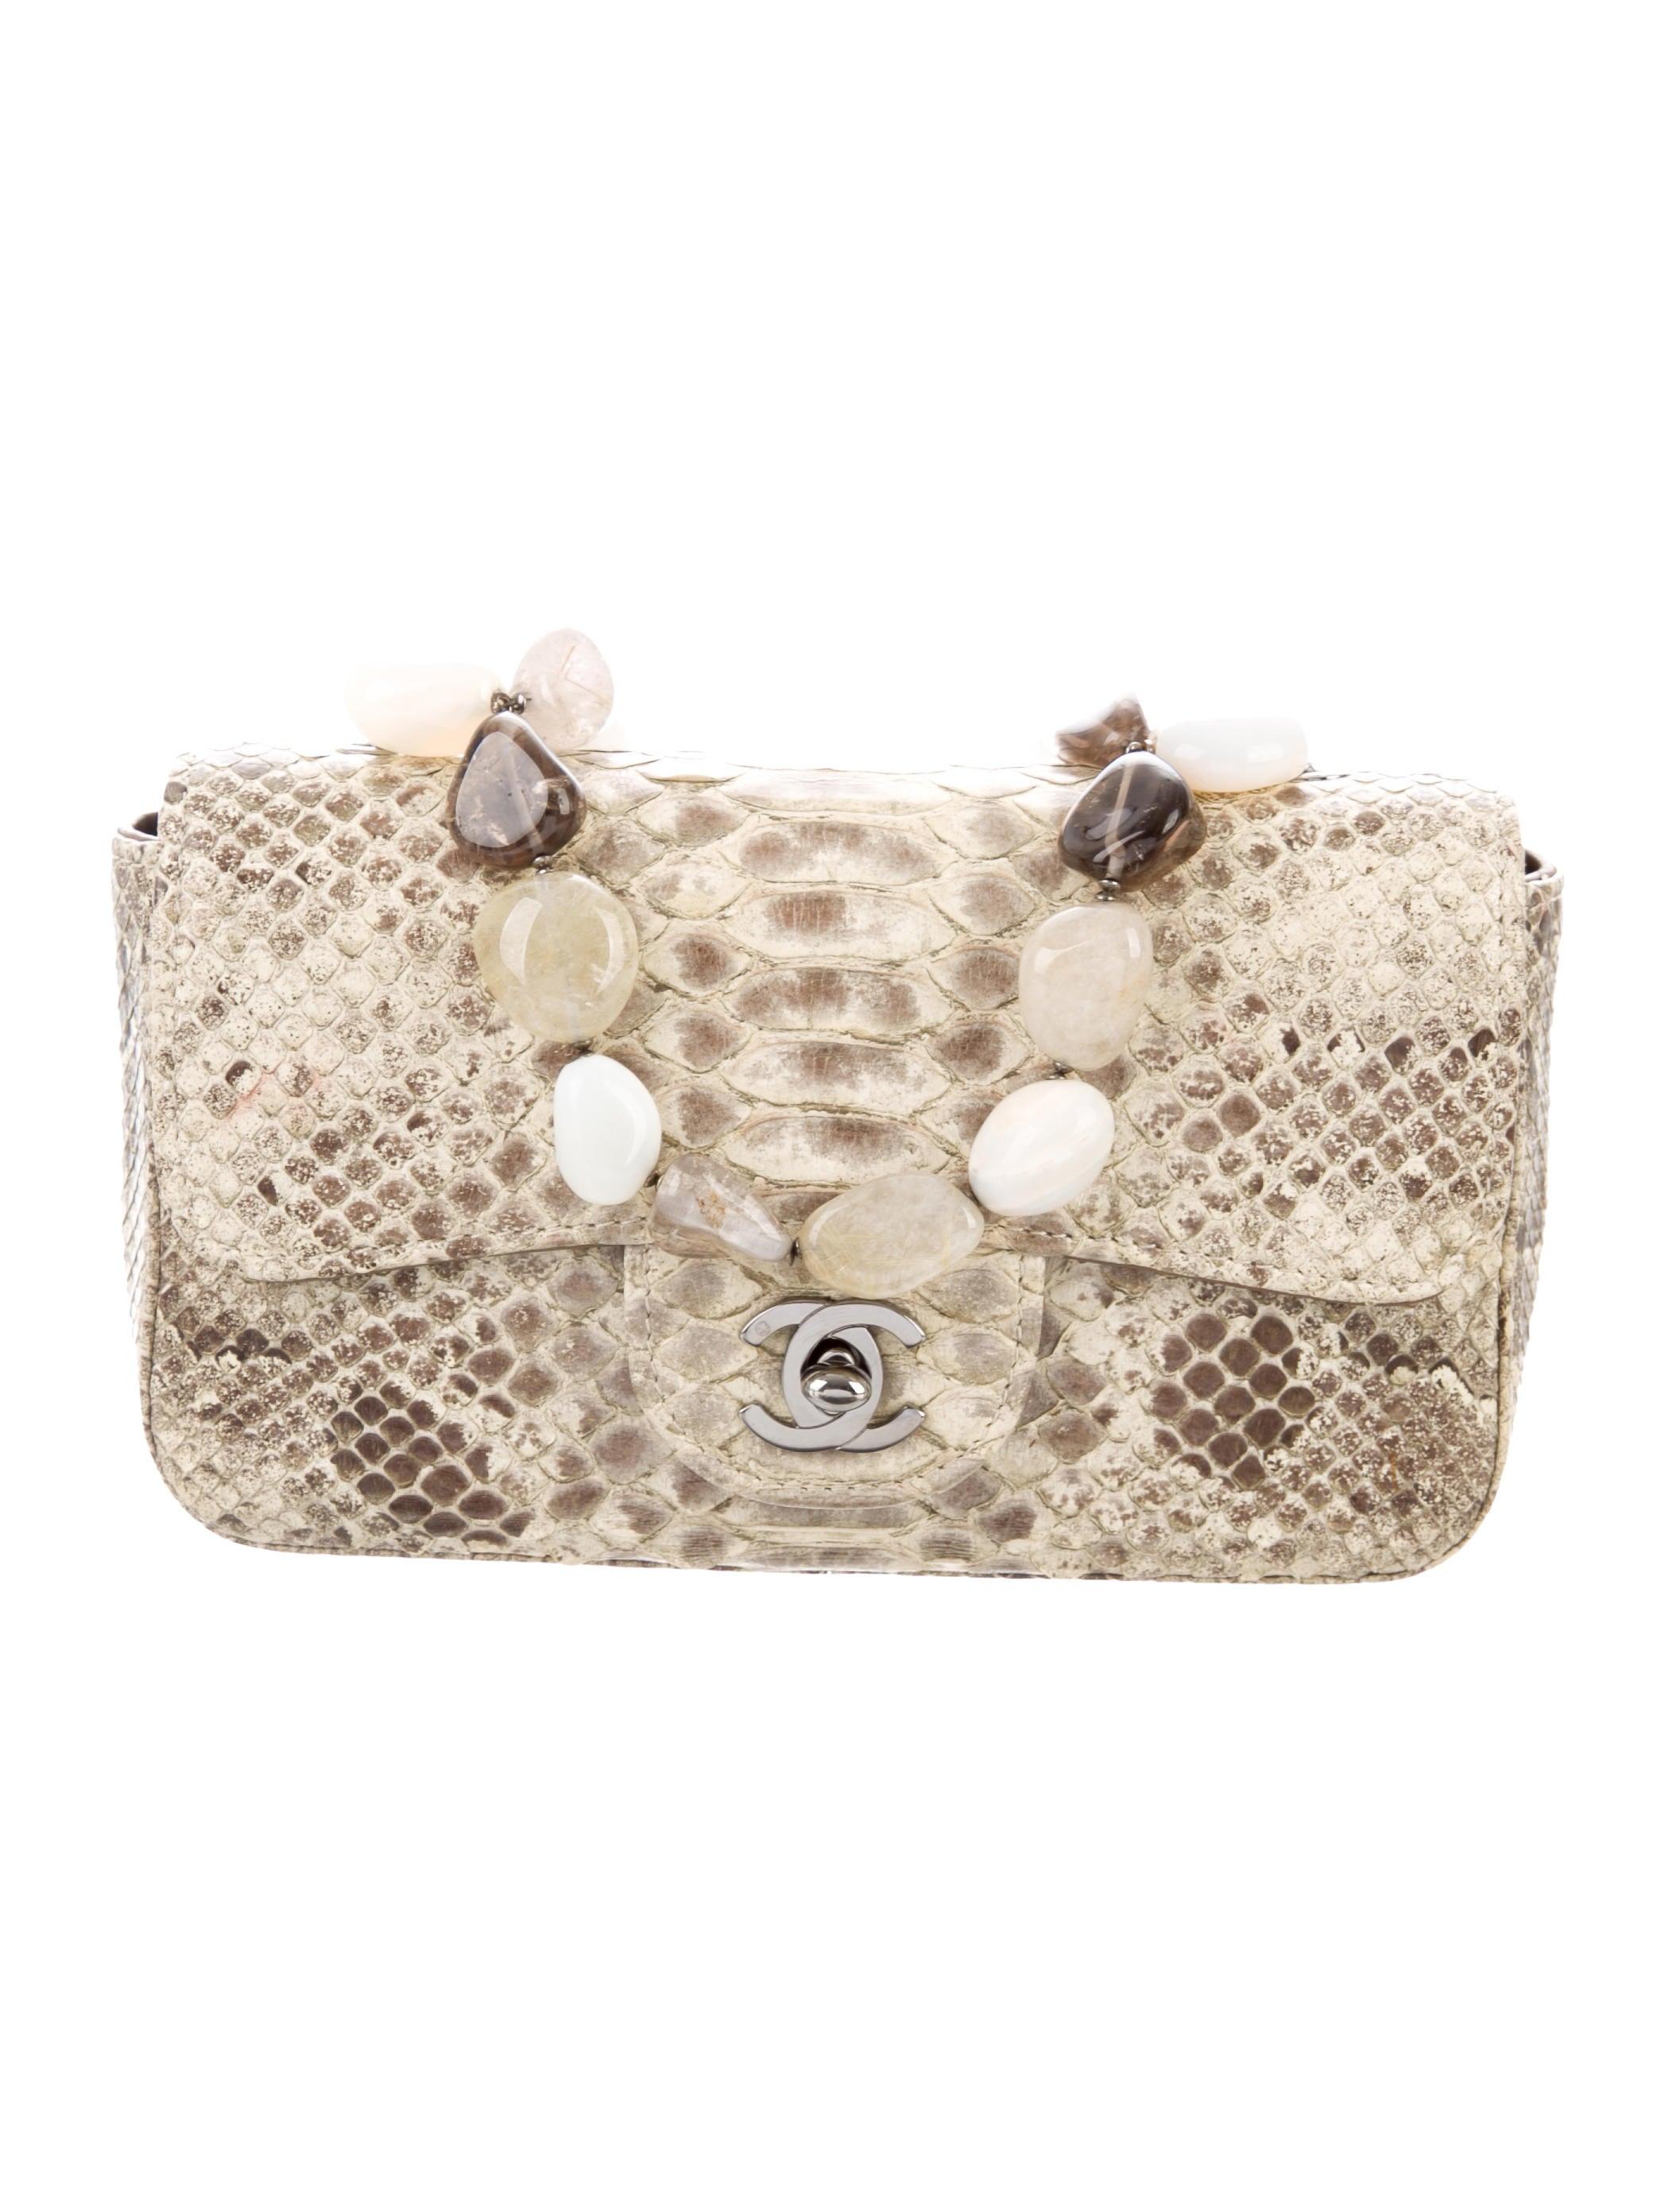 88fa307f06a4 Chanel Python Mini Flap Bag - Handbags - CHA295673 | The RealReal